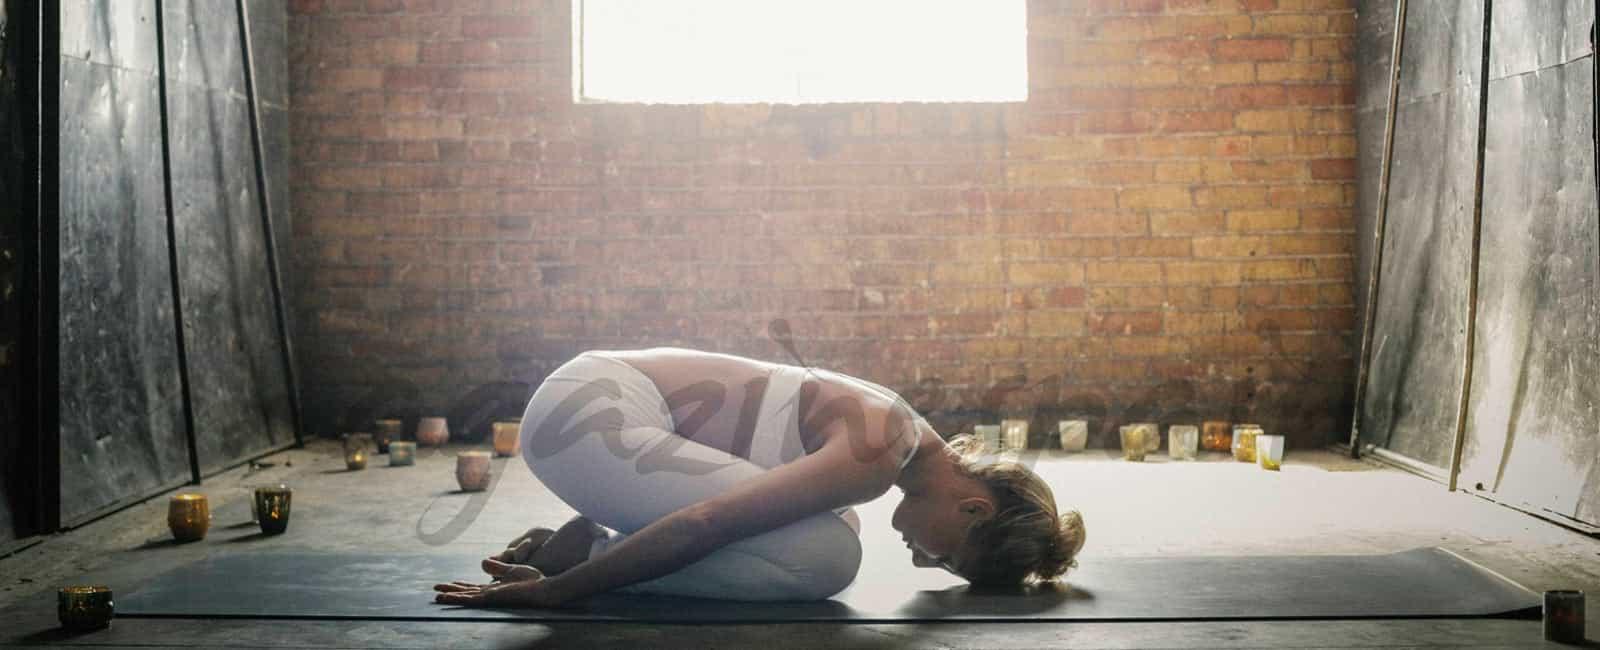 Encuentra la satisfacción más allá del peso, el tamaño y la forma de tu cuerpo